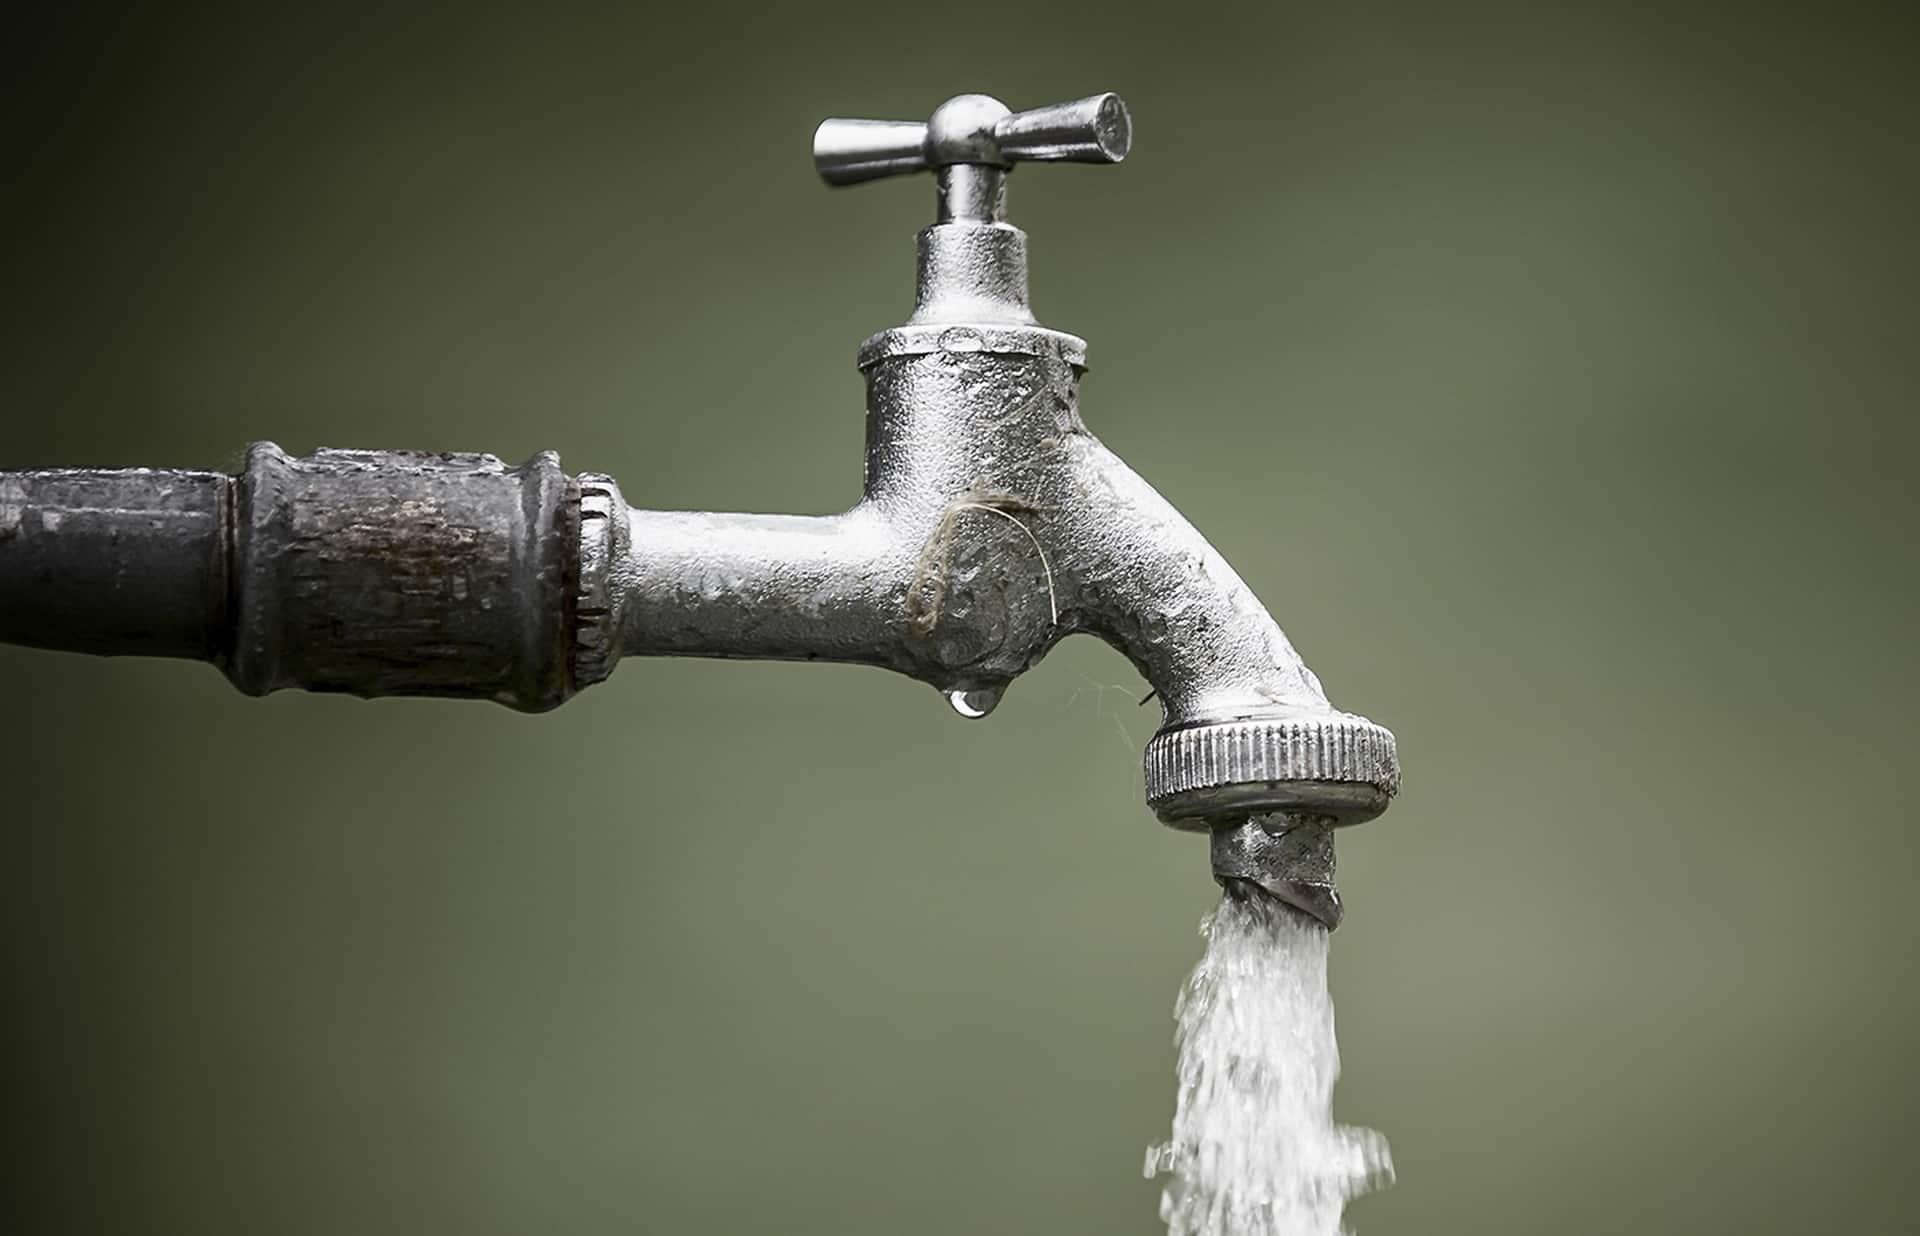 Включение воды 2018 расконсервация дачного водоснабжения